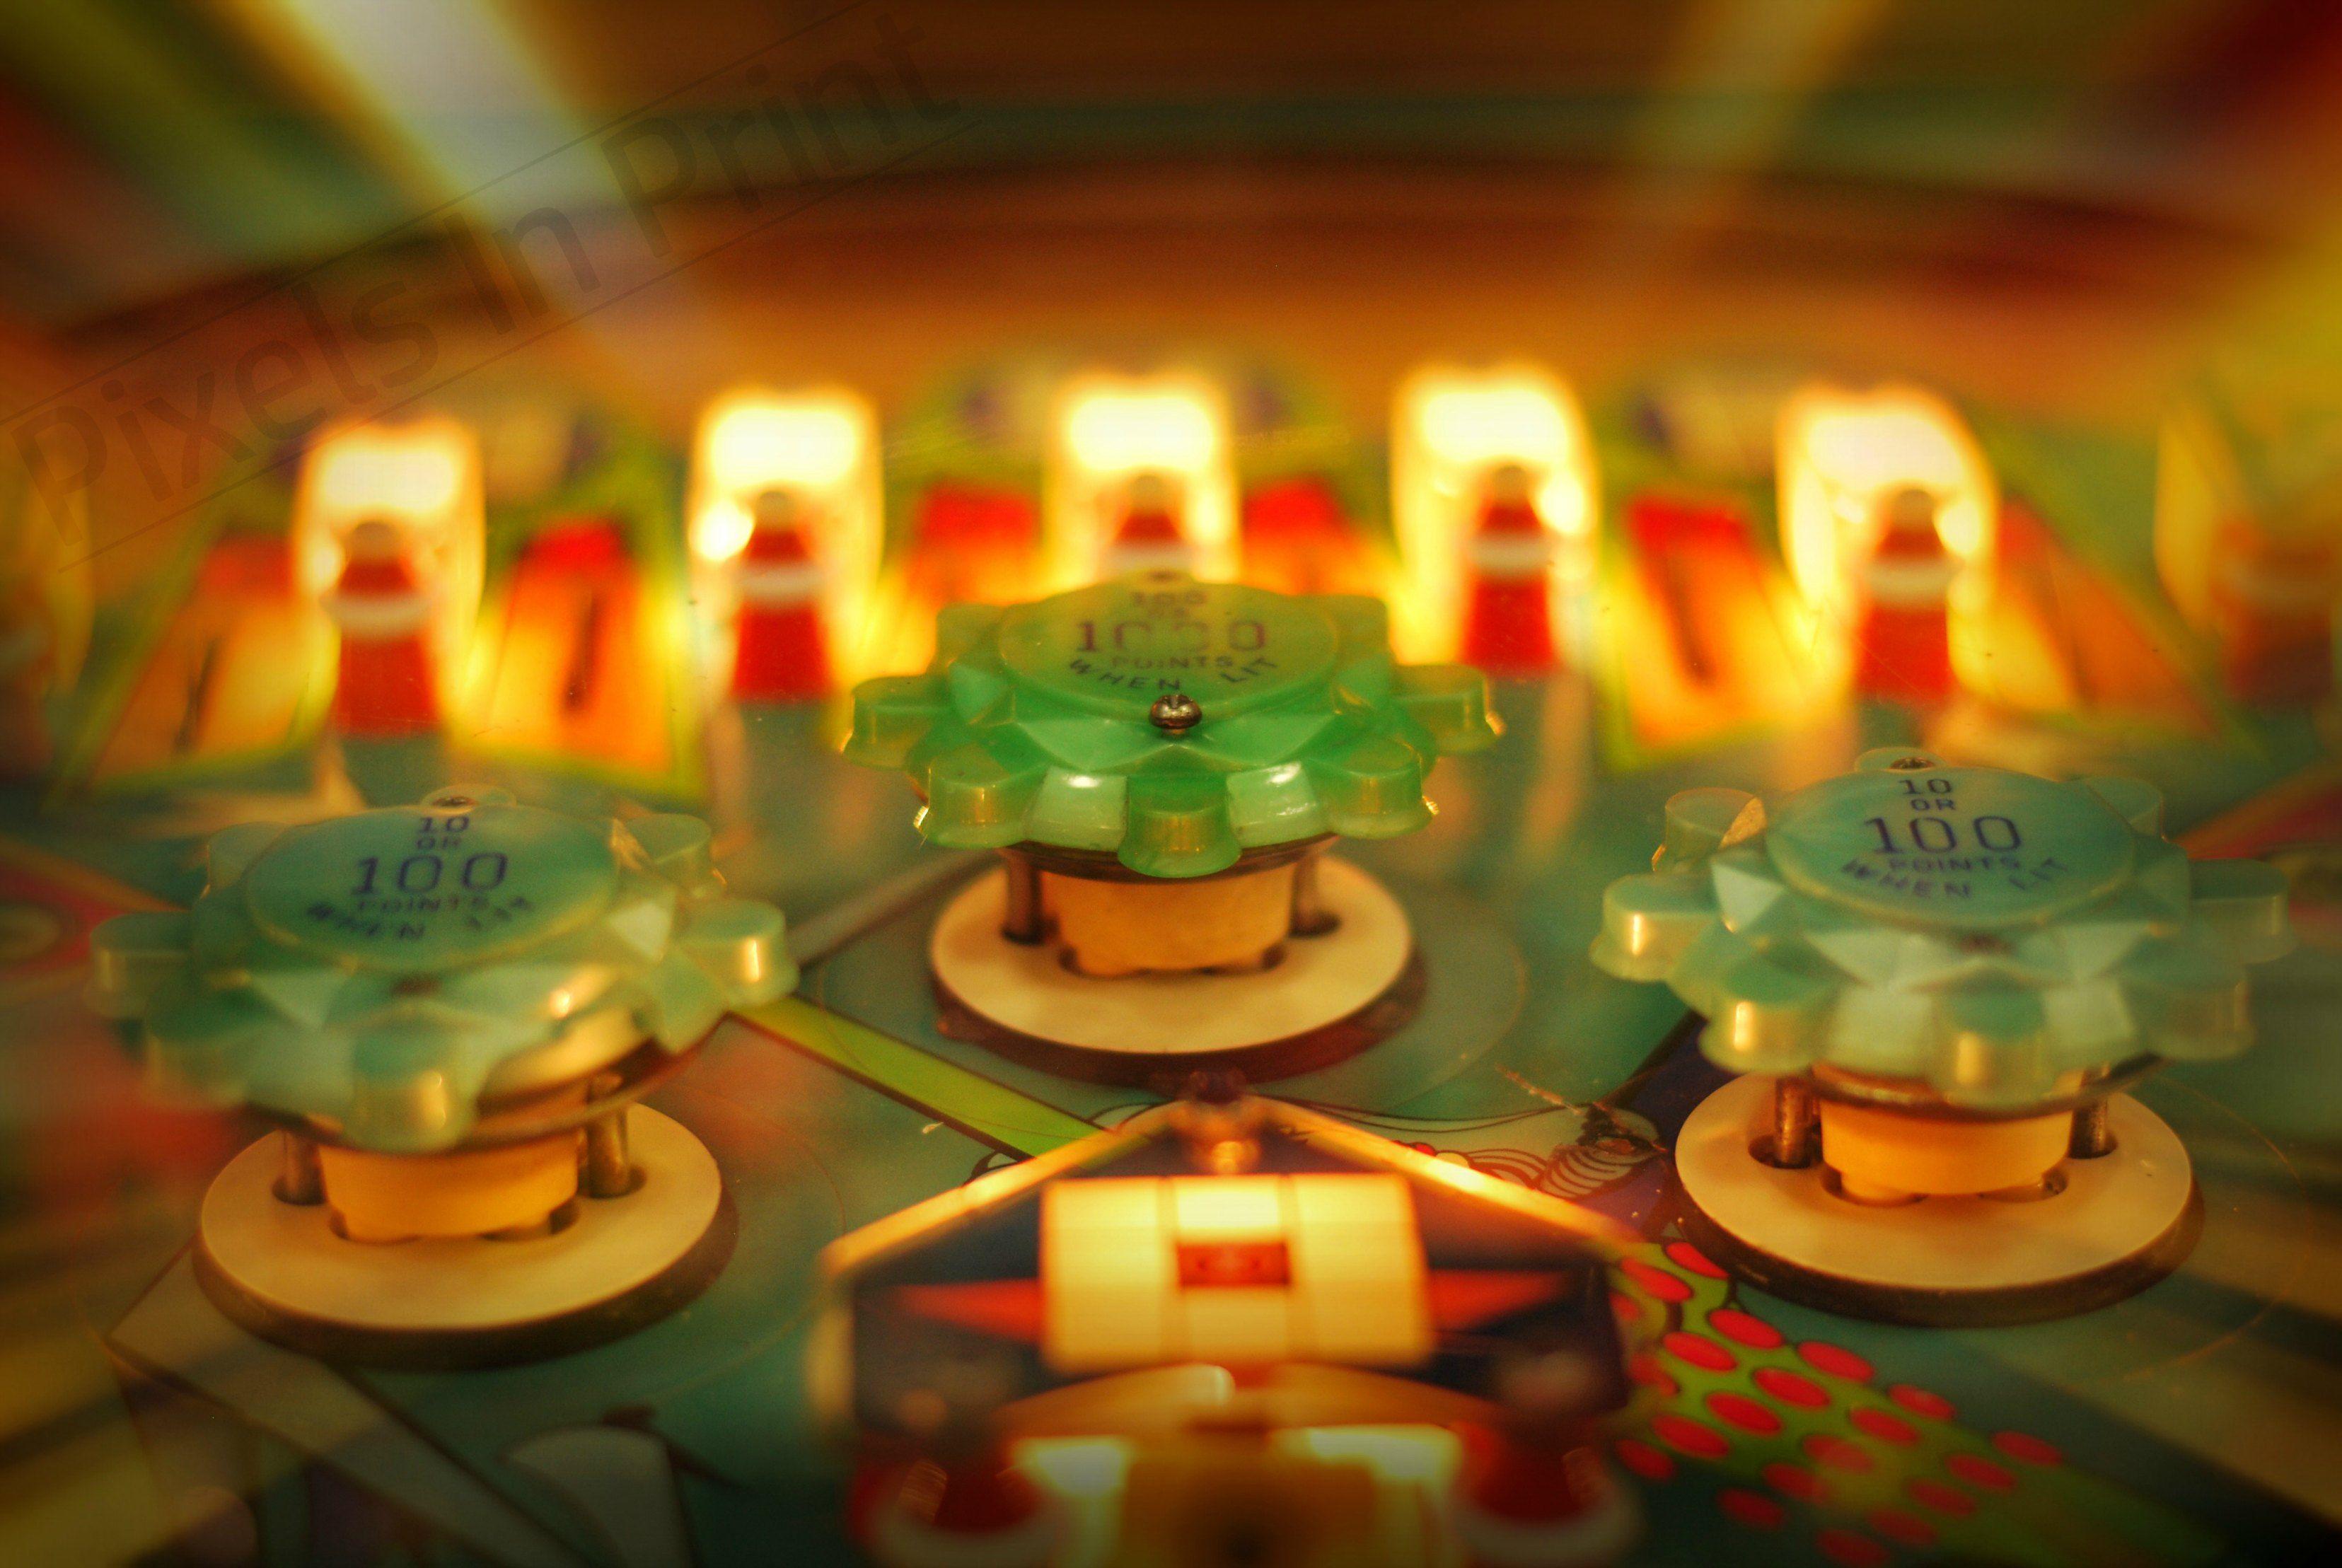 Pin by John Butler on Custom Game Arcade, Metal